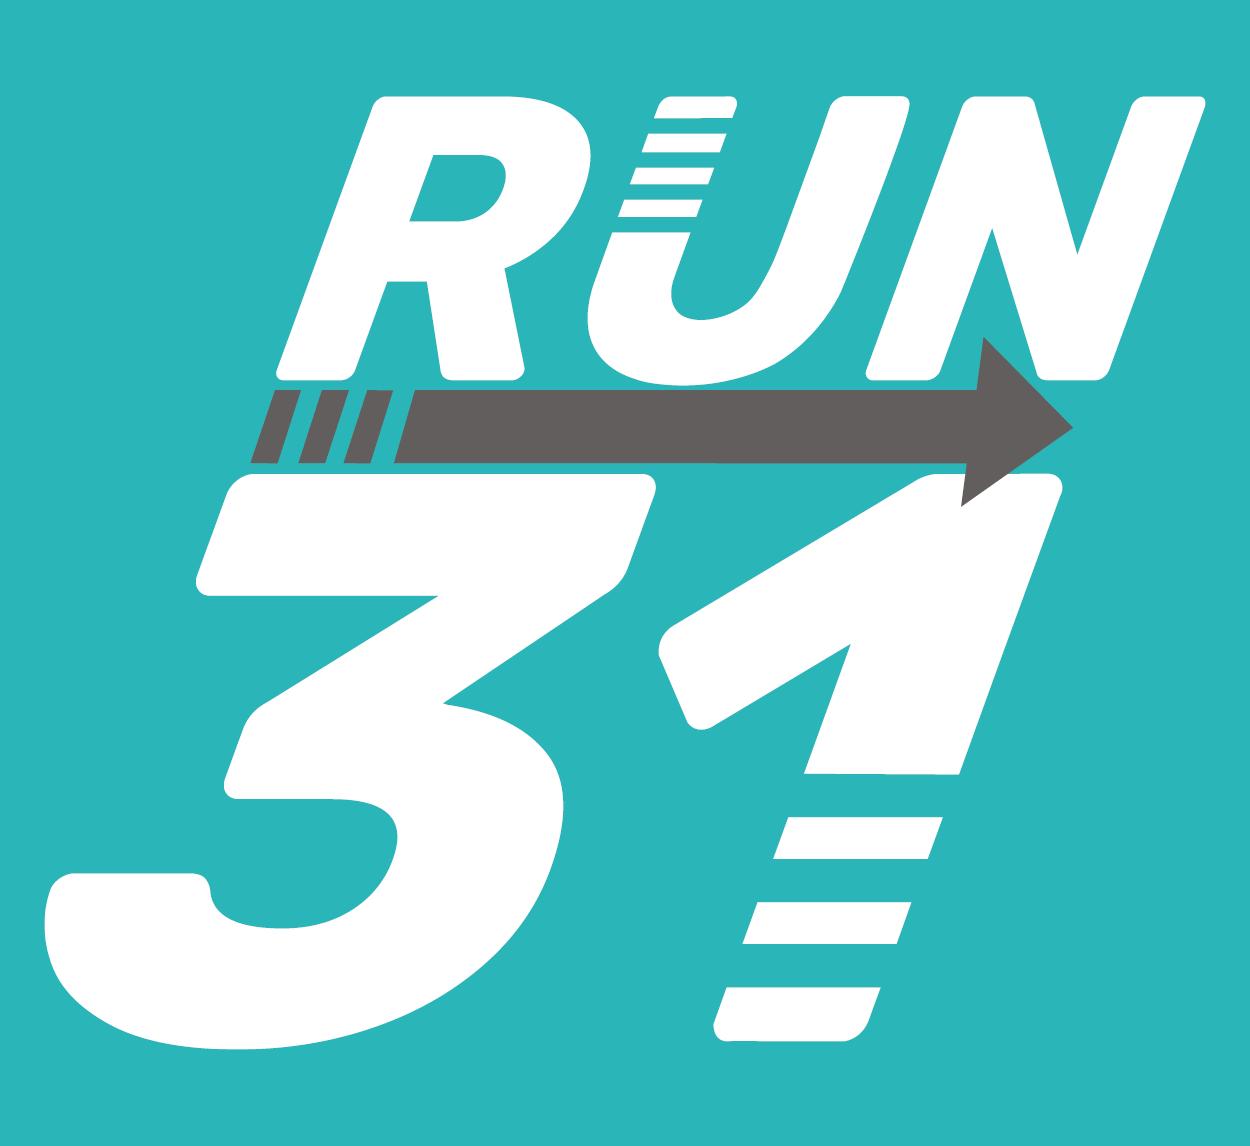 Run 31 charity logo